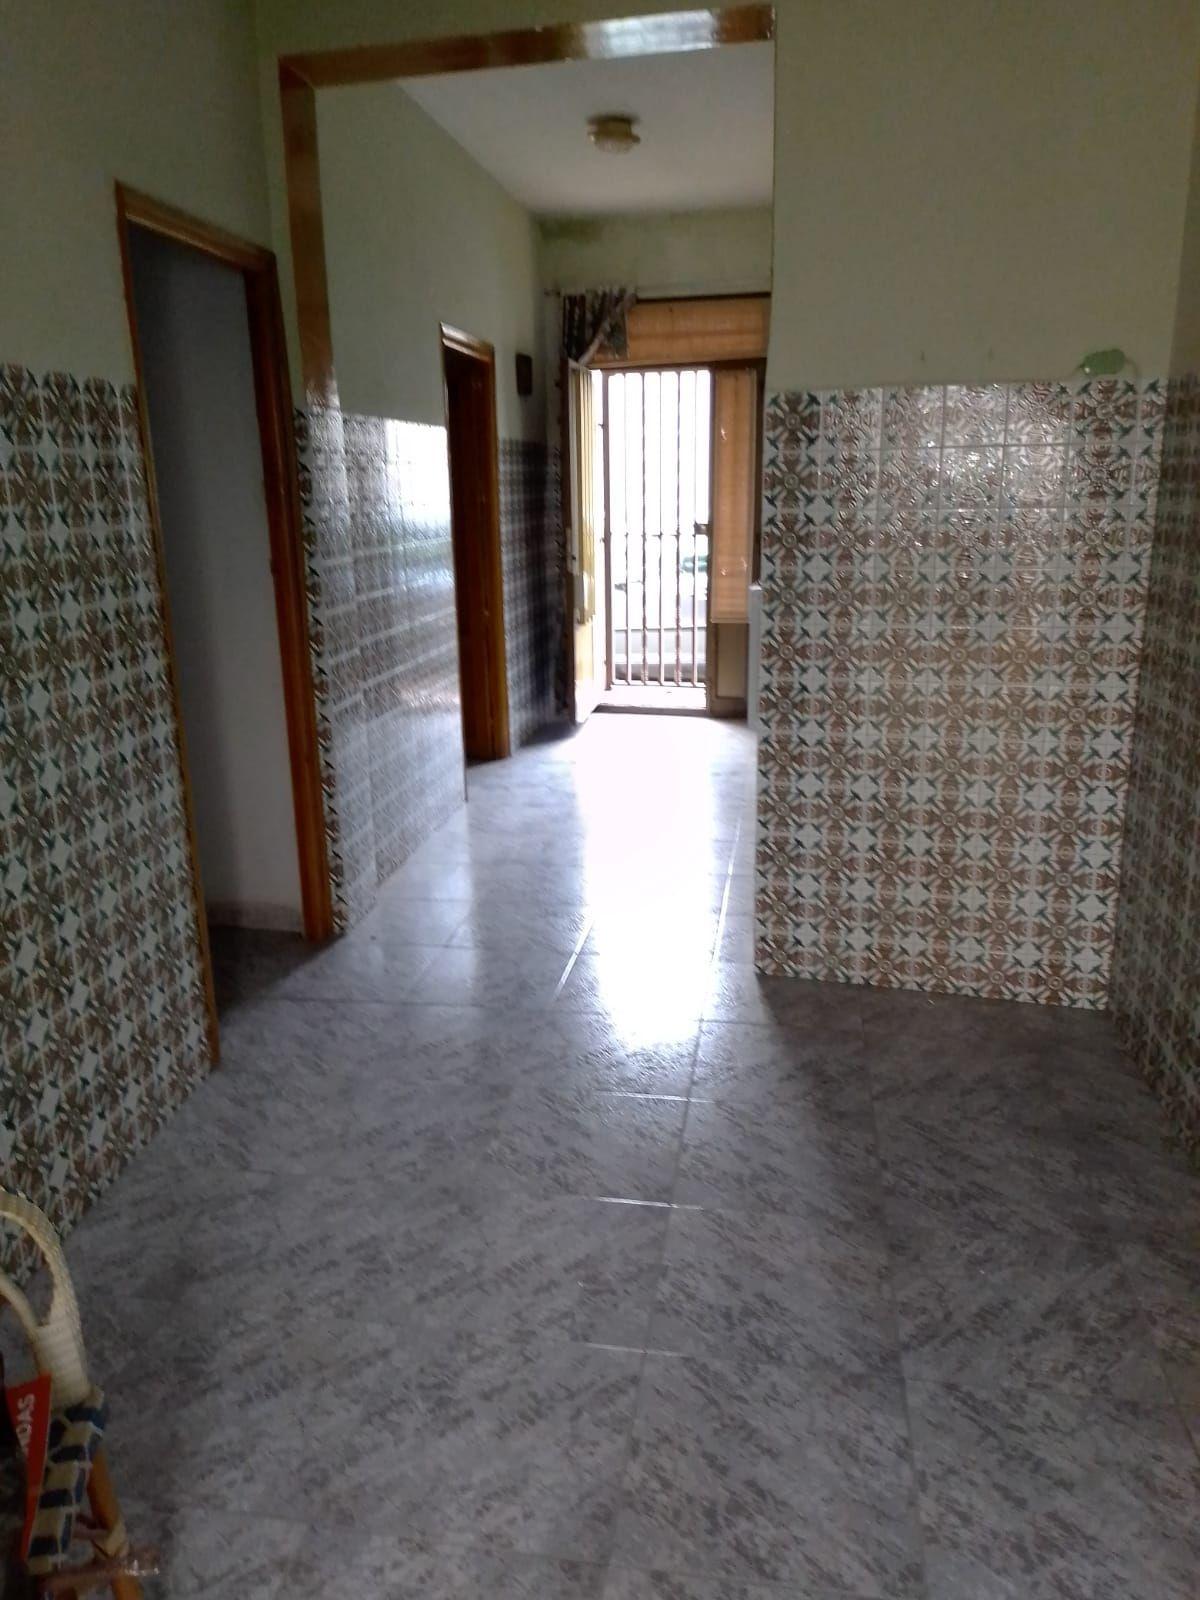 Casa en venta en Ezcaray, Tomelloso, Ciudad Real, Calle Cabo Noval, 50.000 €, 4 habitaciones, 1 baño, 230 m2